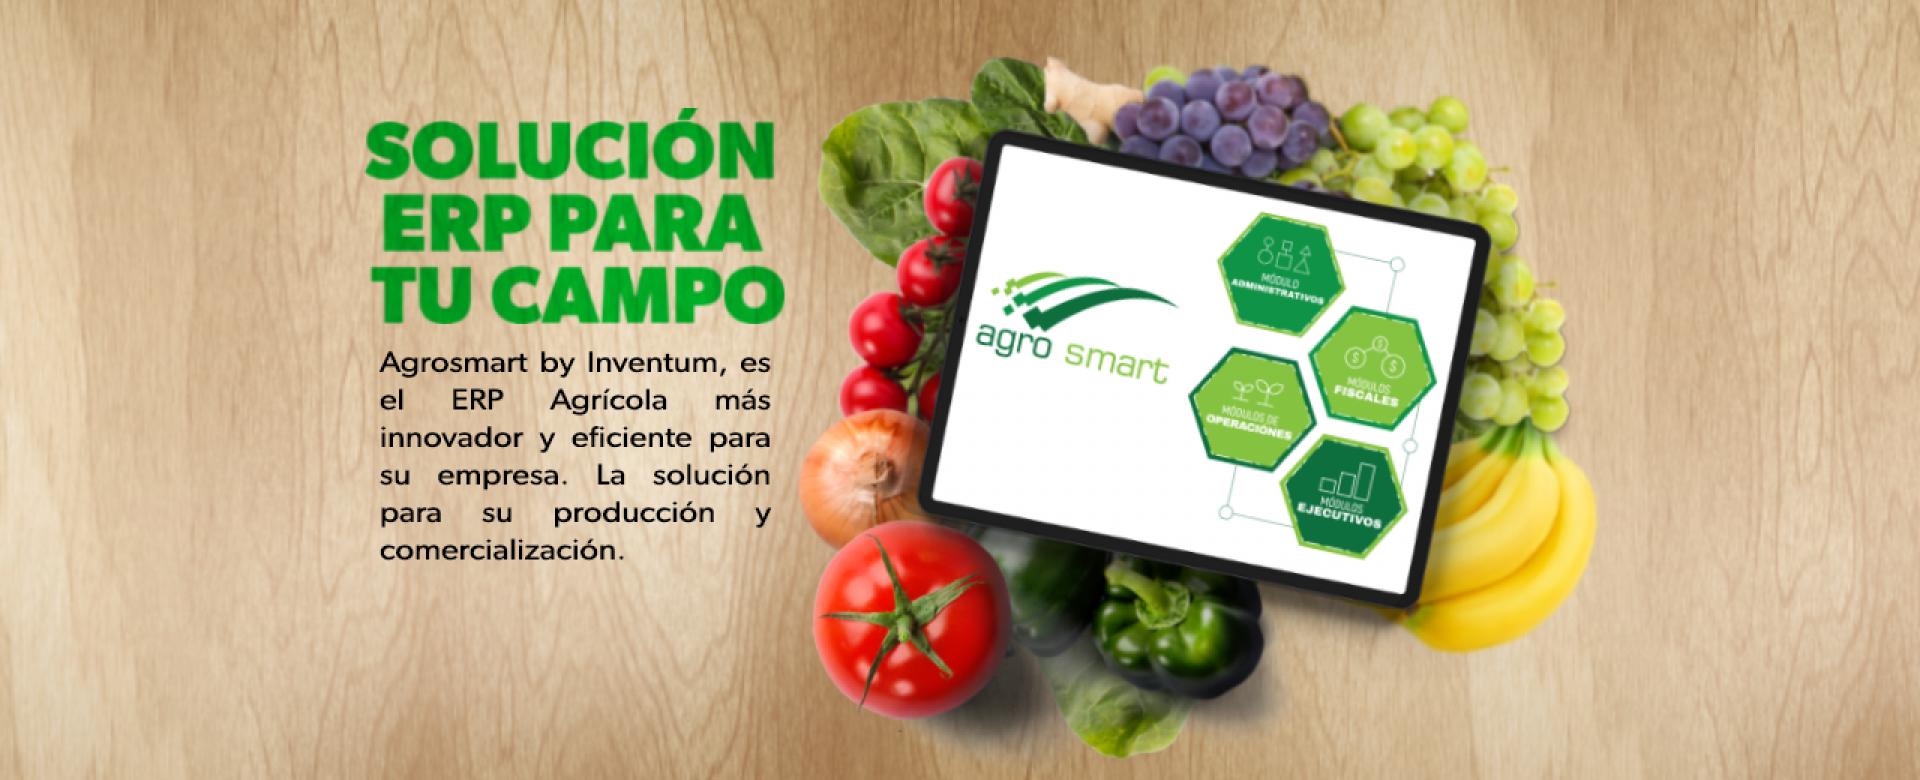 AgroSmart - ERP Agrícola